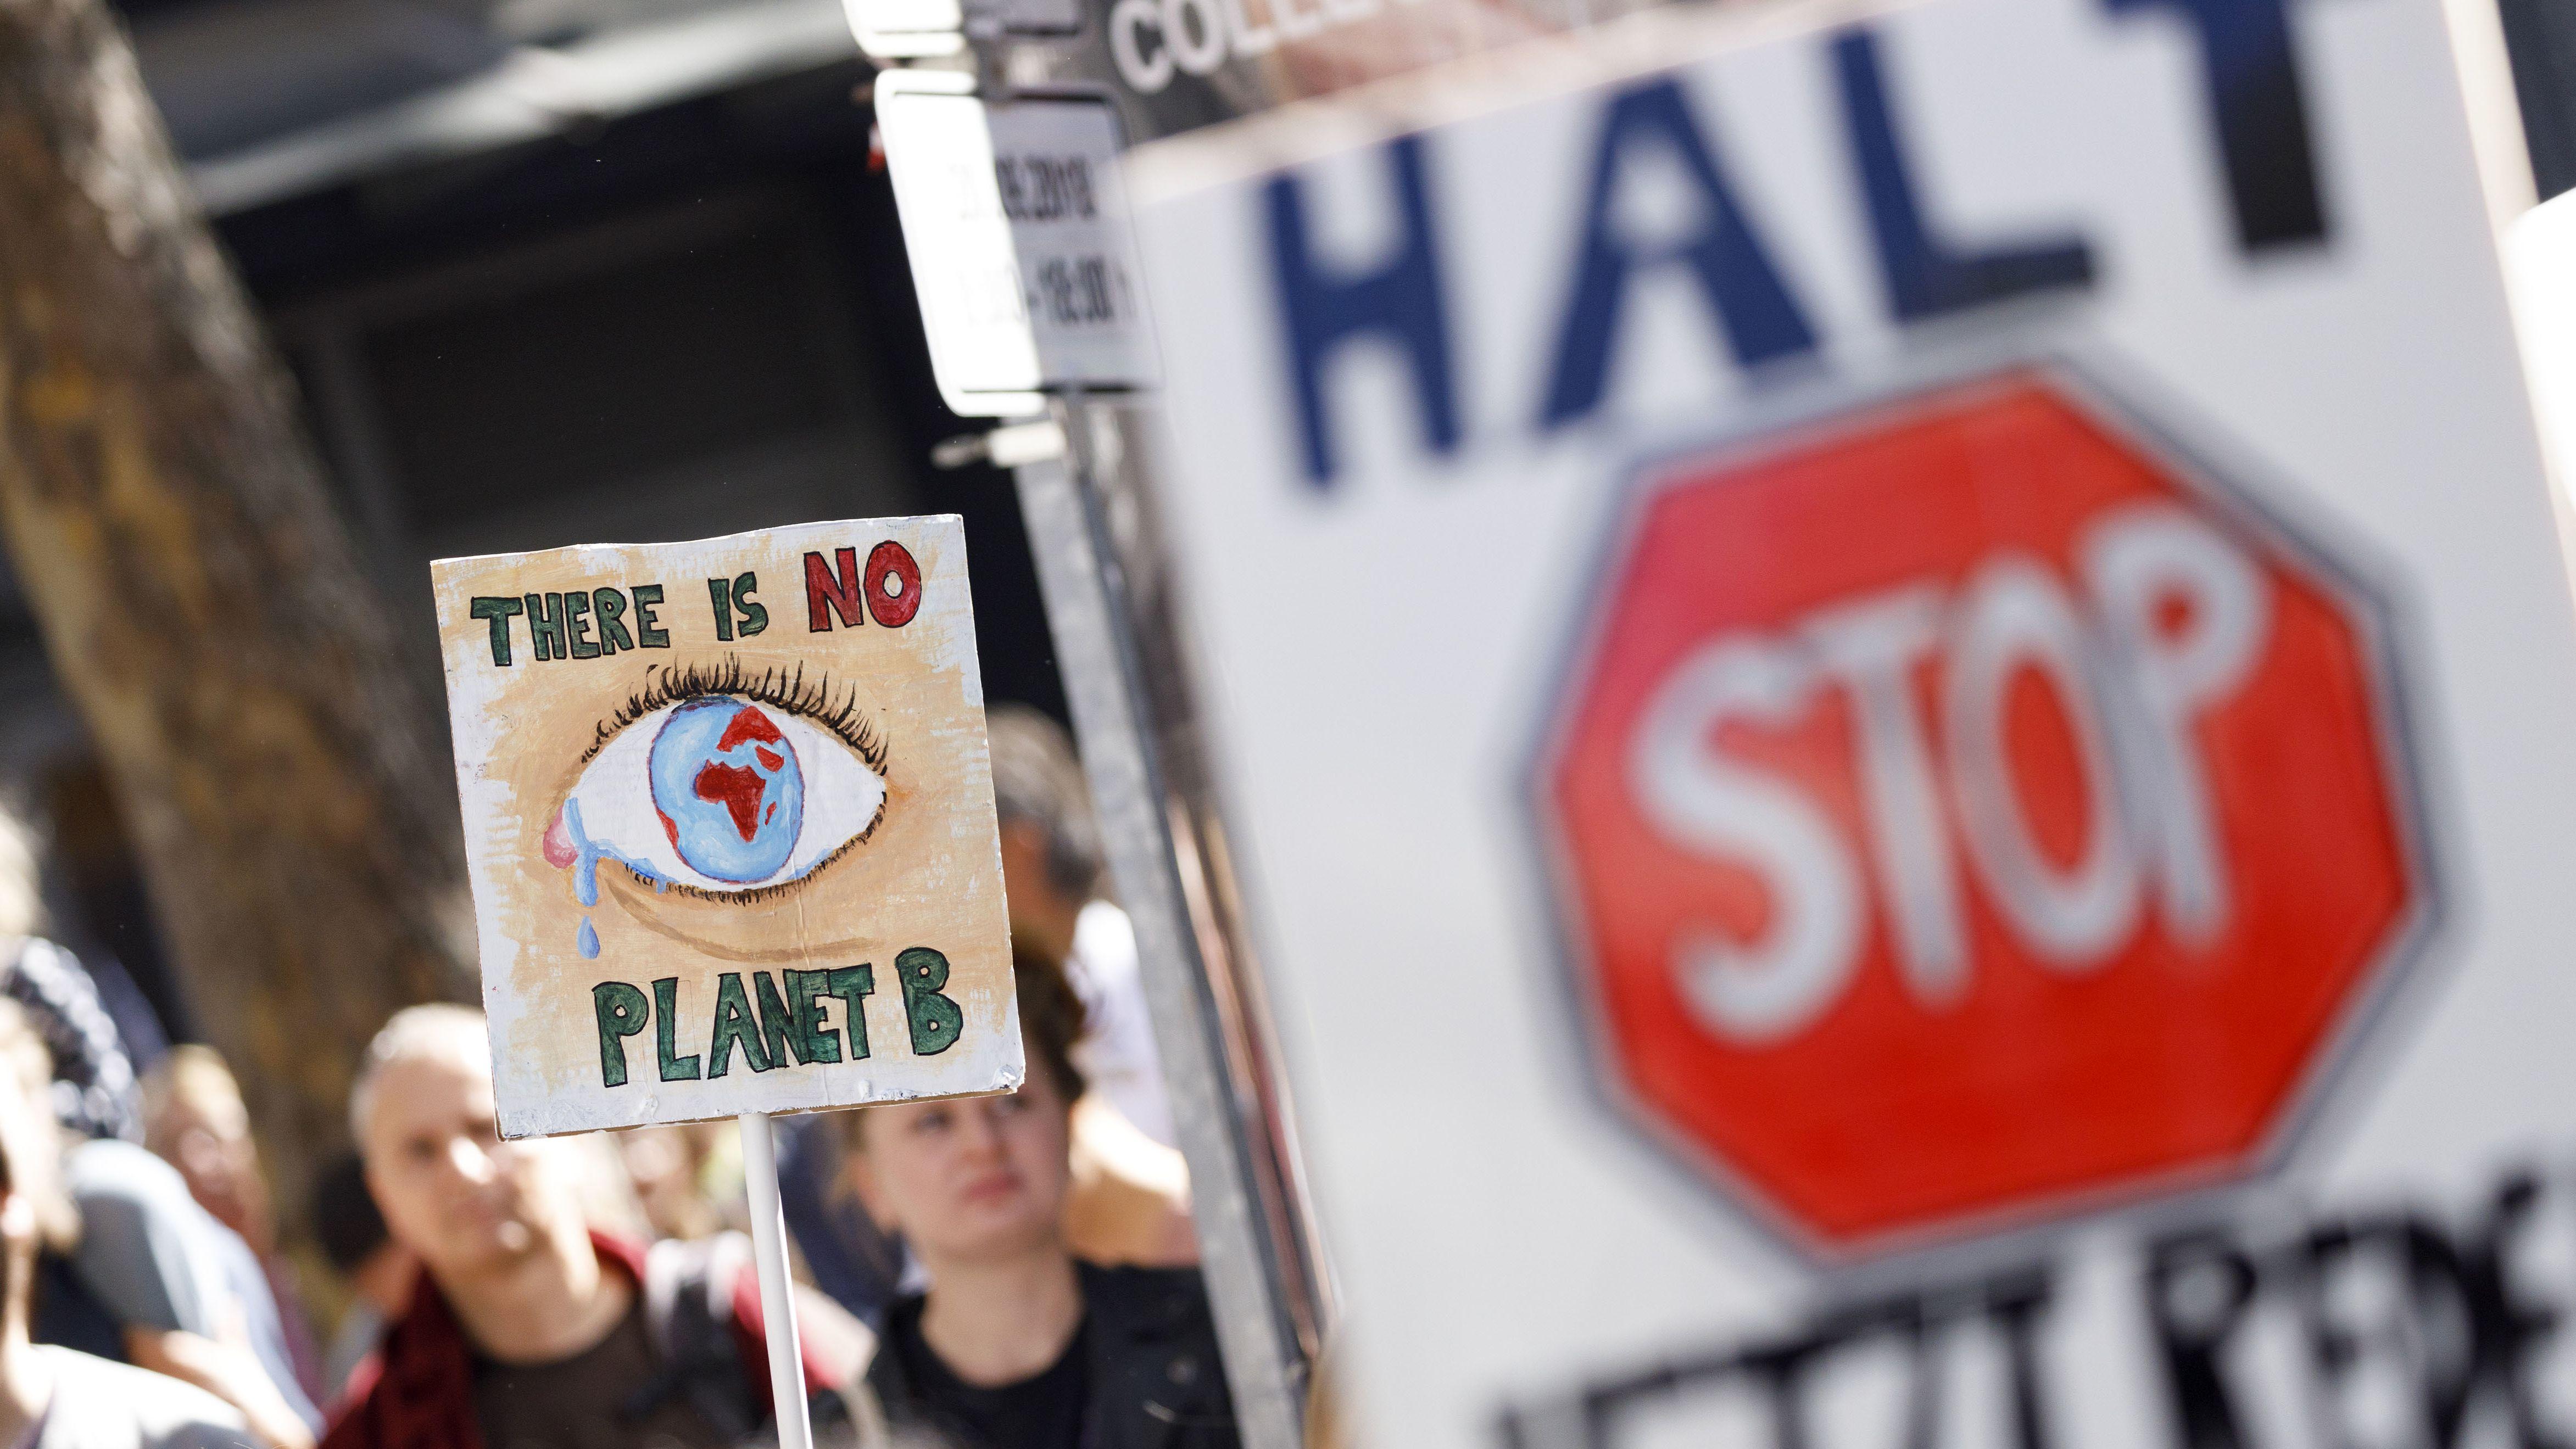 Demonstranten bei der 'Fridays for Future'-Demonstration im Rahmen des weltweiten Klimastreiks in Köln.